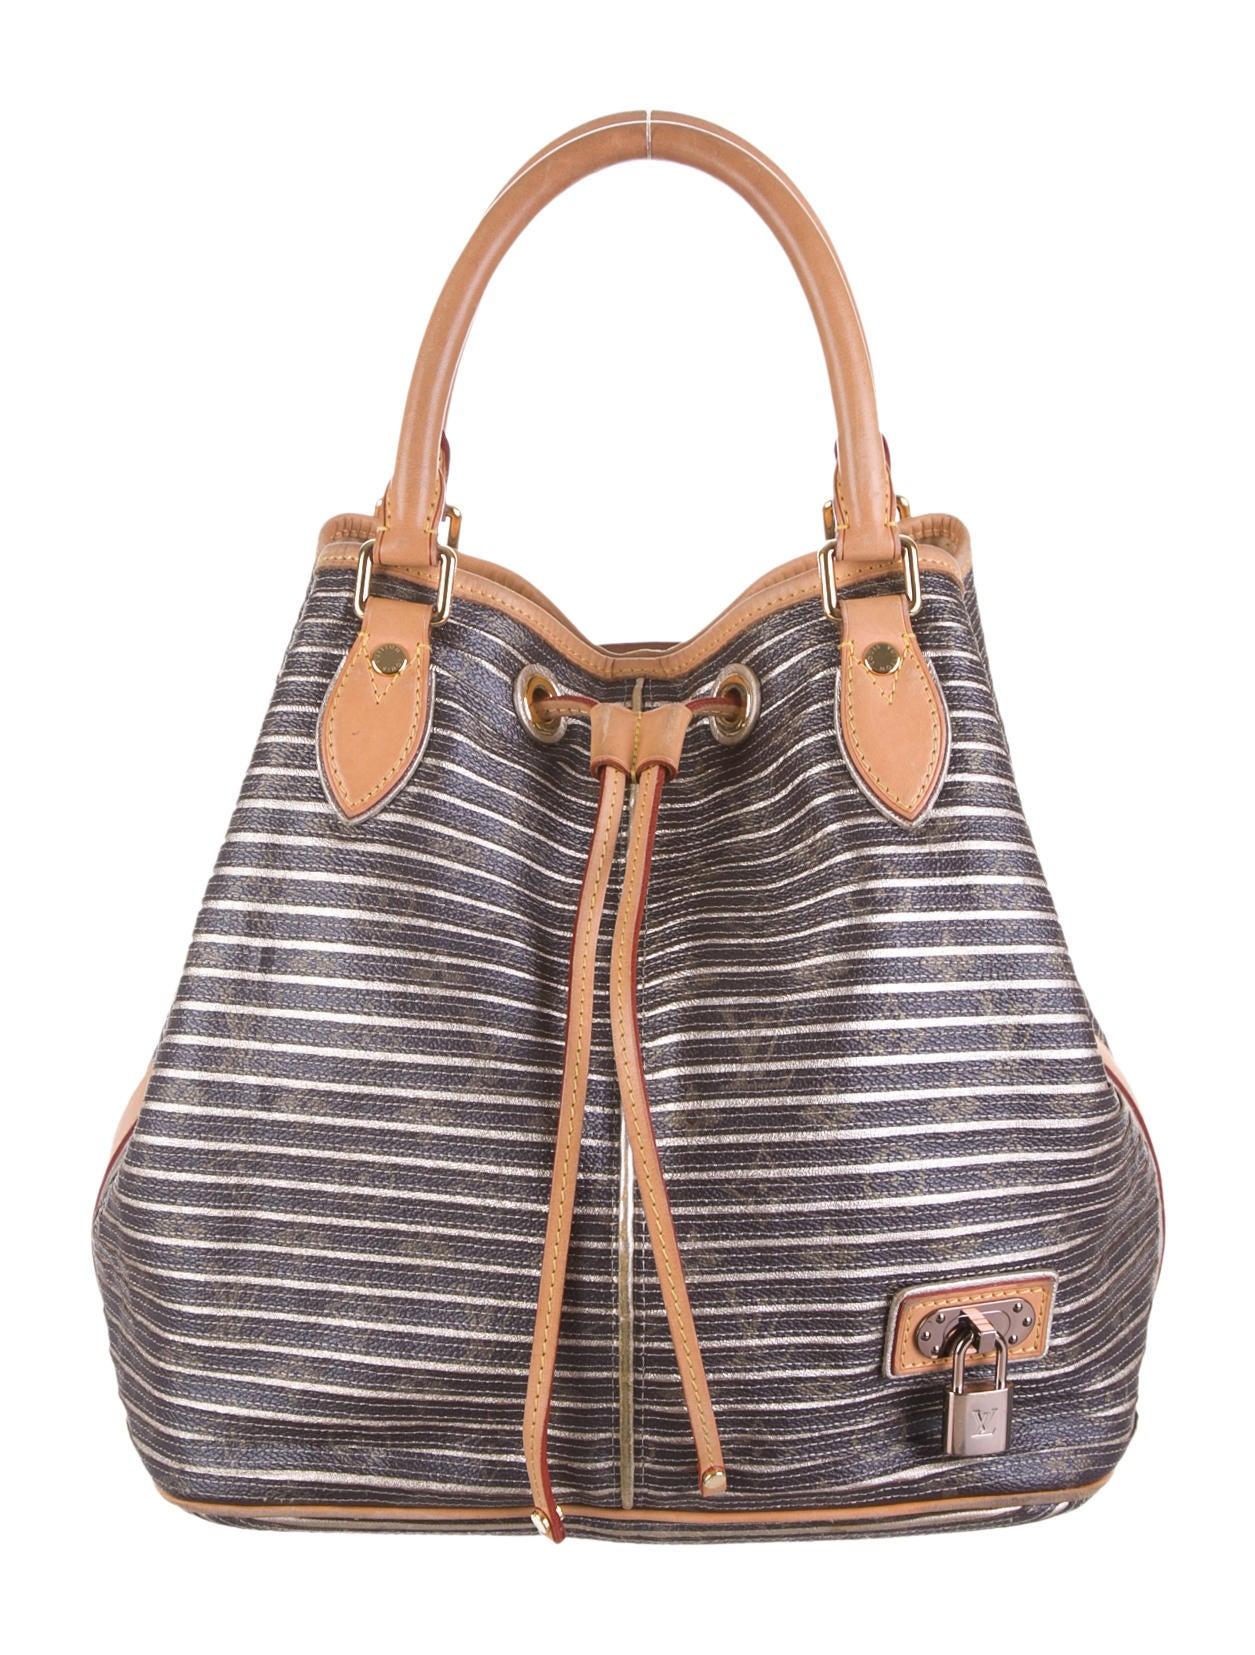 155bfe29cdad Louis Vuitton Neo Eden Bag - Handbags - LOU46826